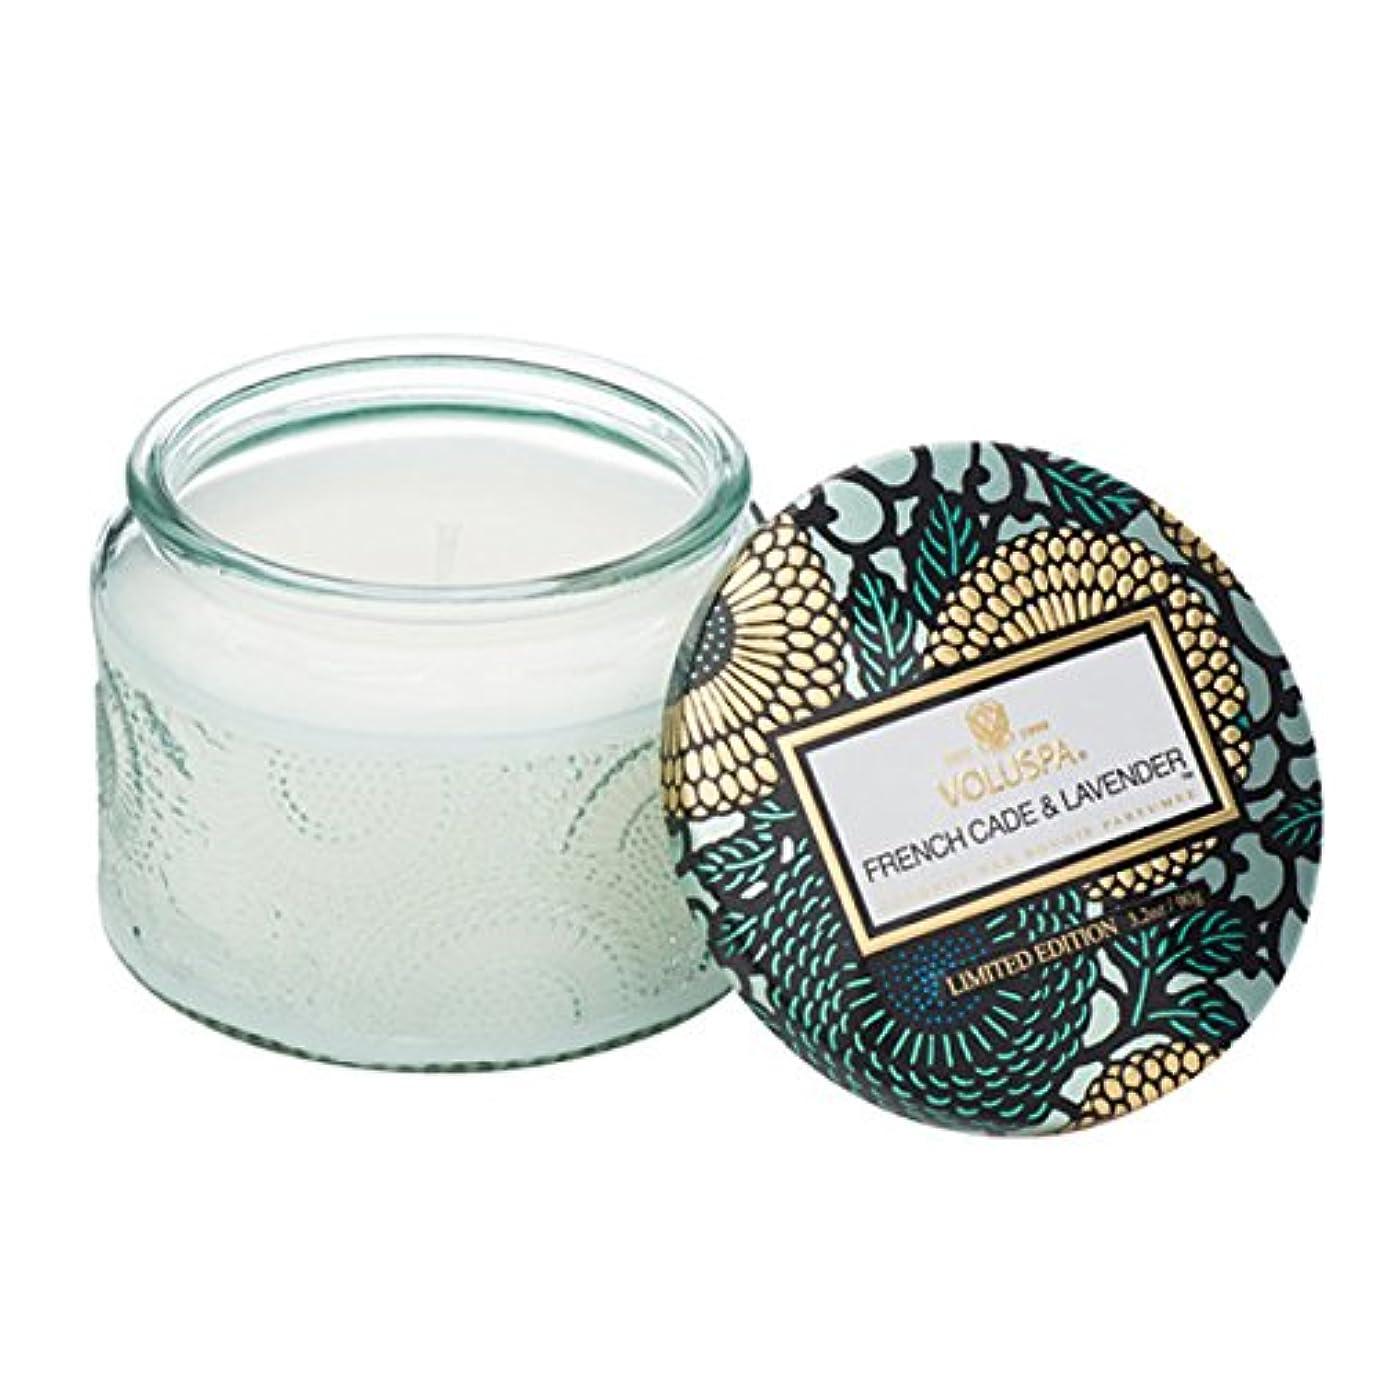 手入れおとこお酢Voluspa ボルスパ ジャポニカ リミテッド グラスジャーキャンドル  S フレンチケード&ラベンダー FRENCH CADE LAVENDER  JAPONICA Limited PETITE EMBOSSED Glass jar candle